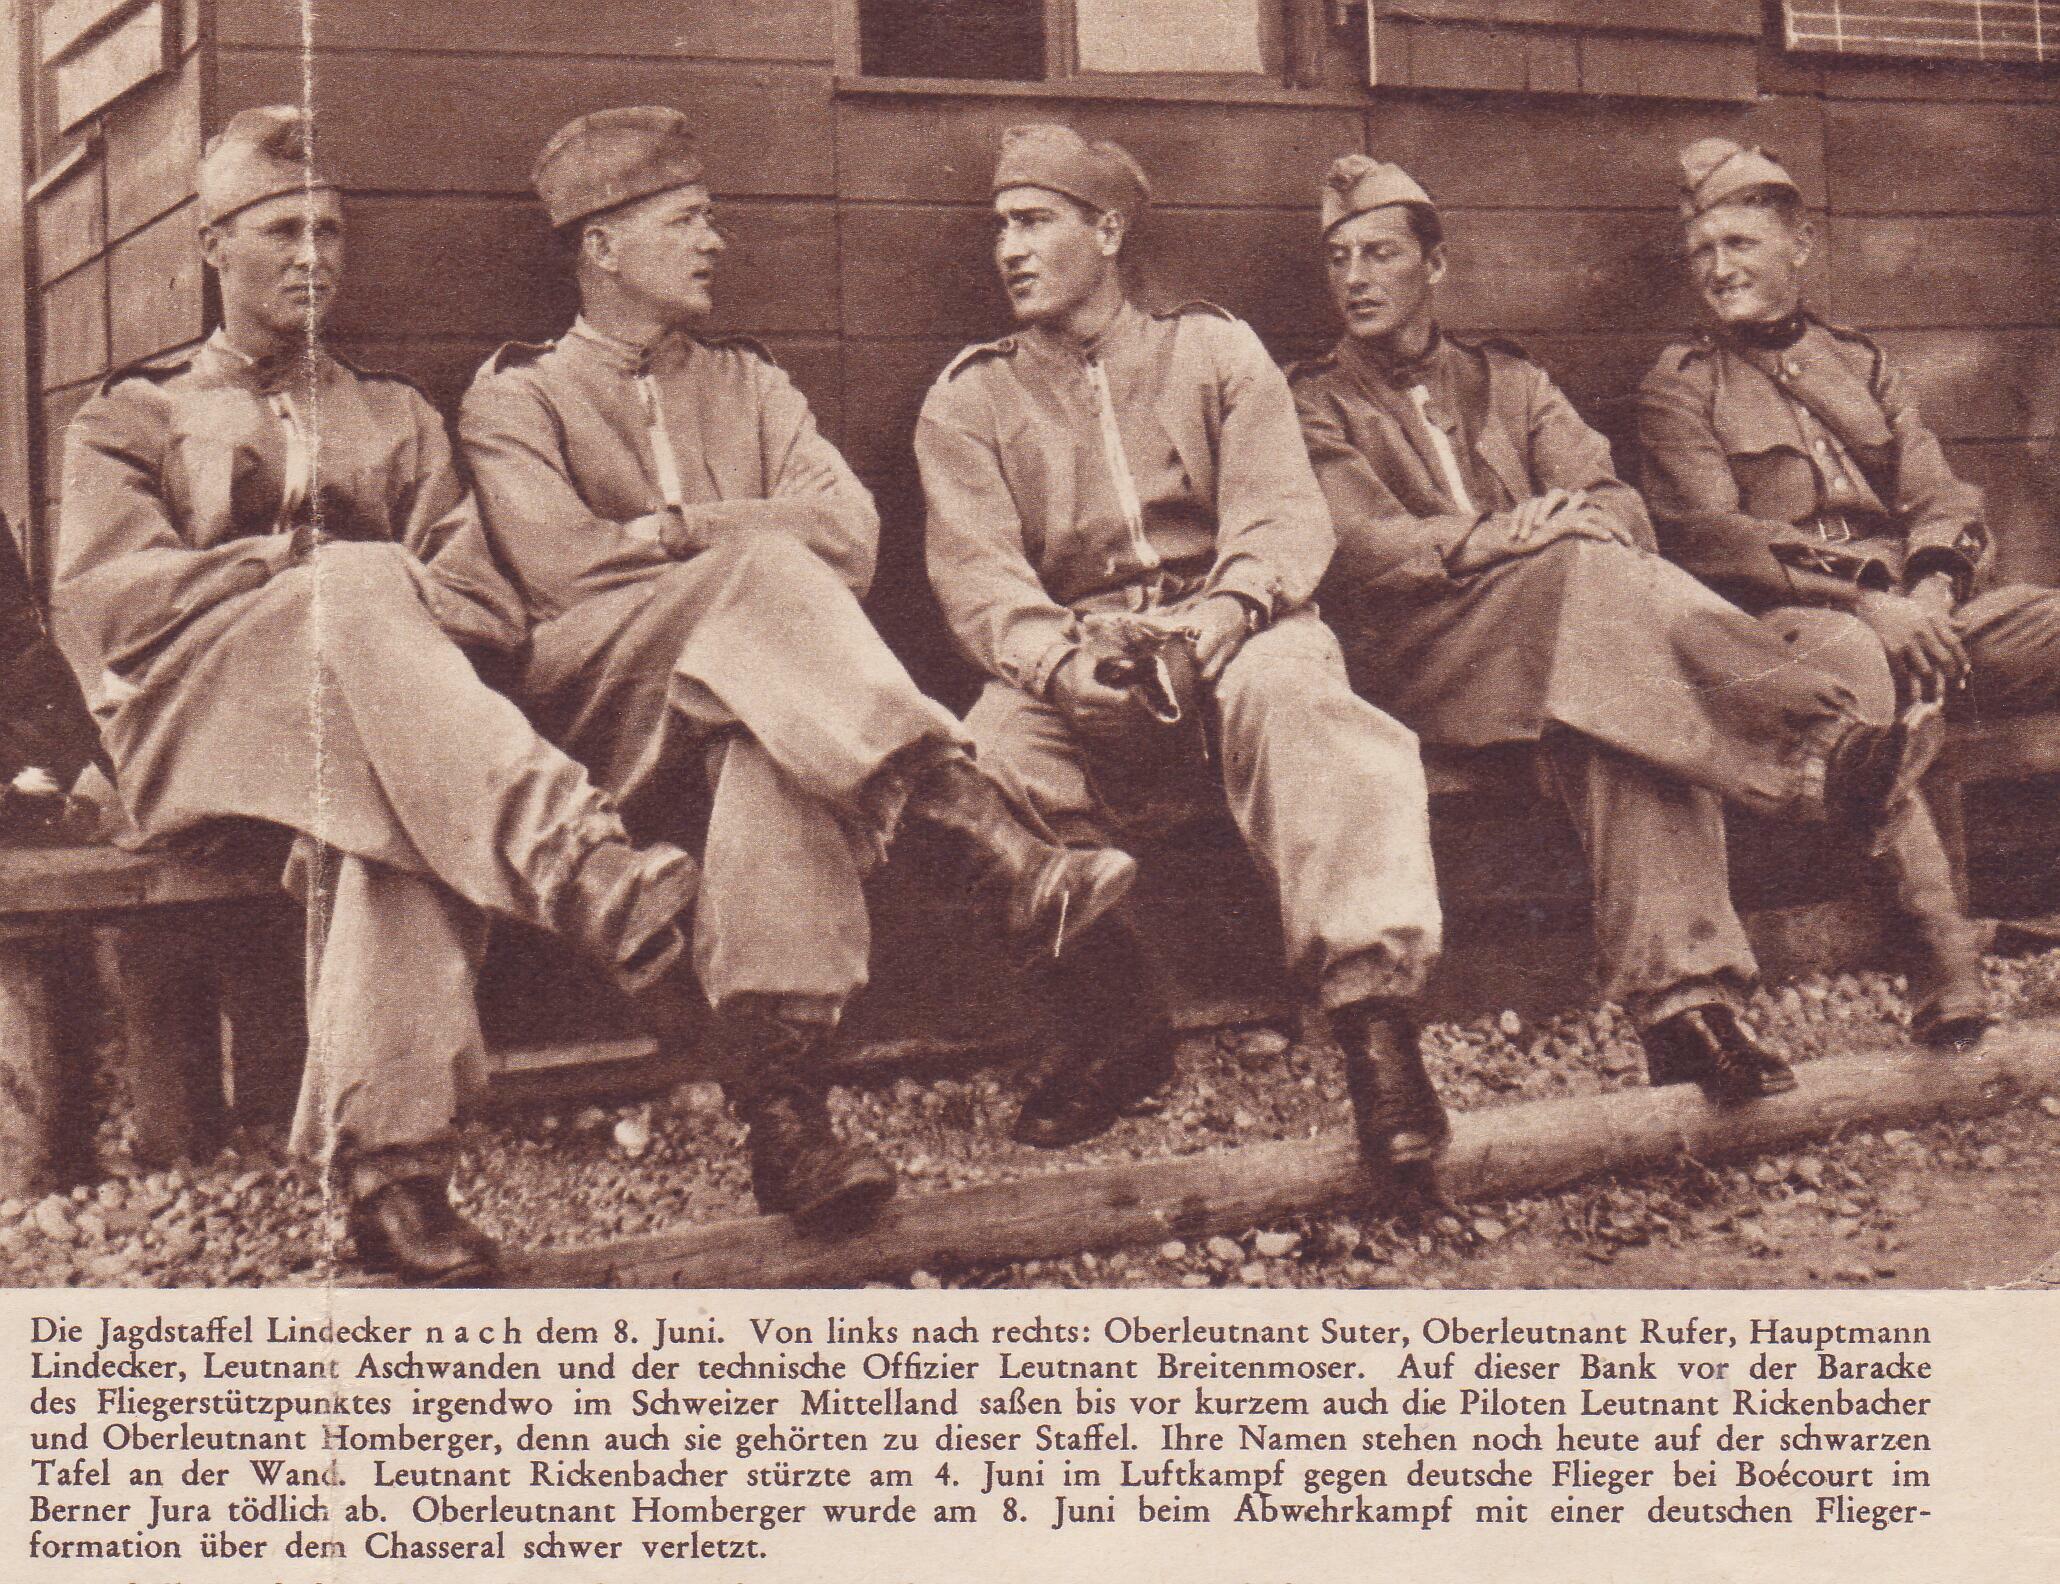 Jagdstaffel Lindecker nach dem 9. Juni 1940